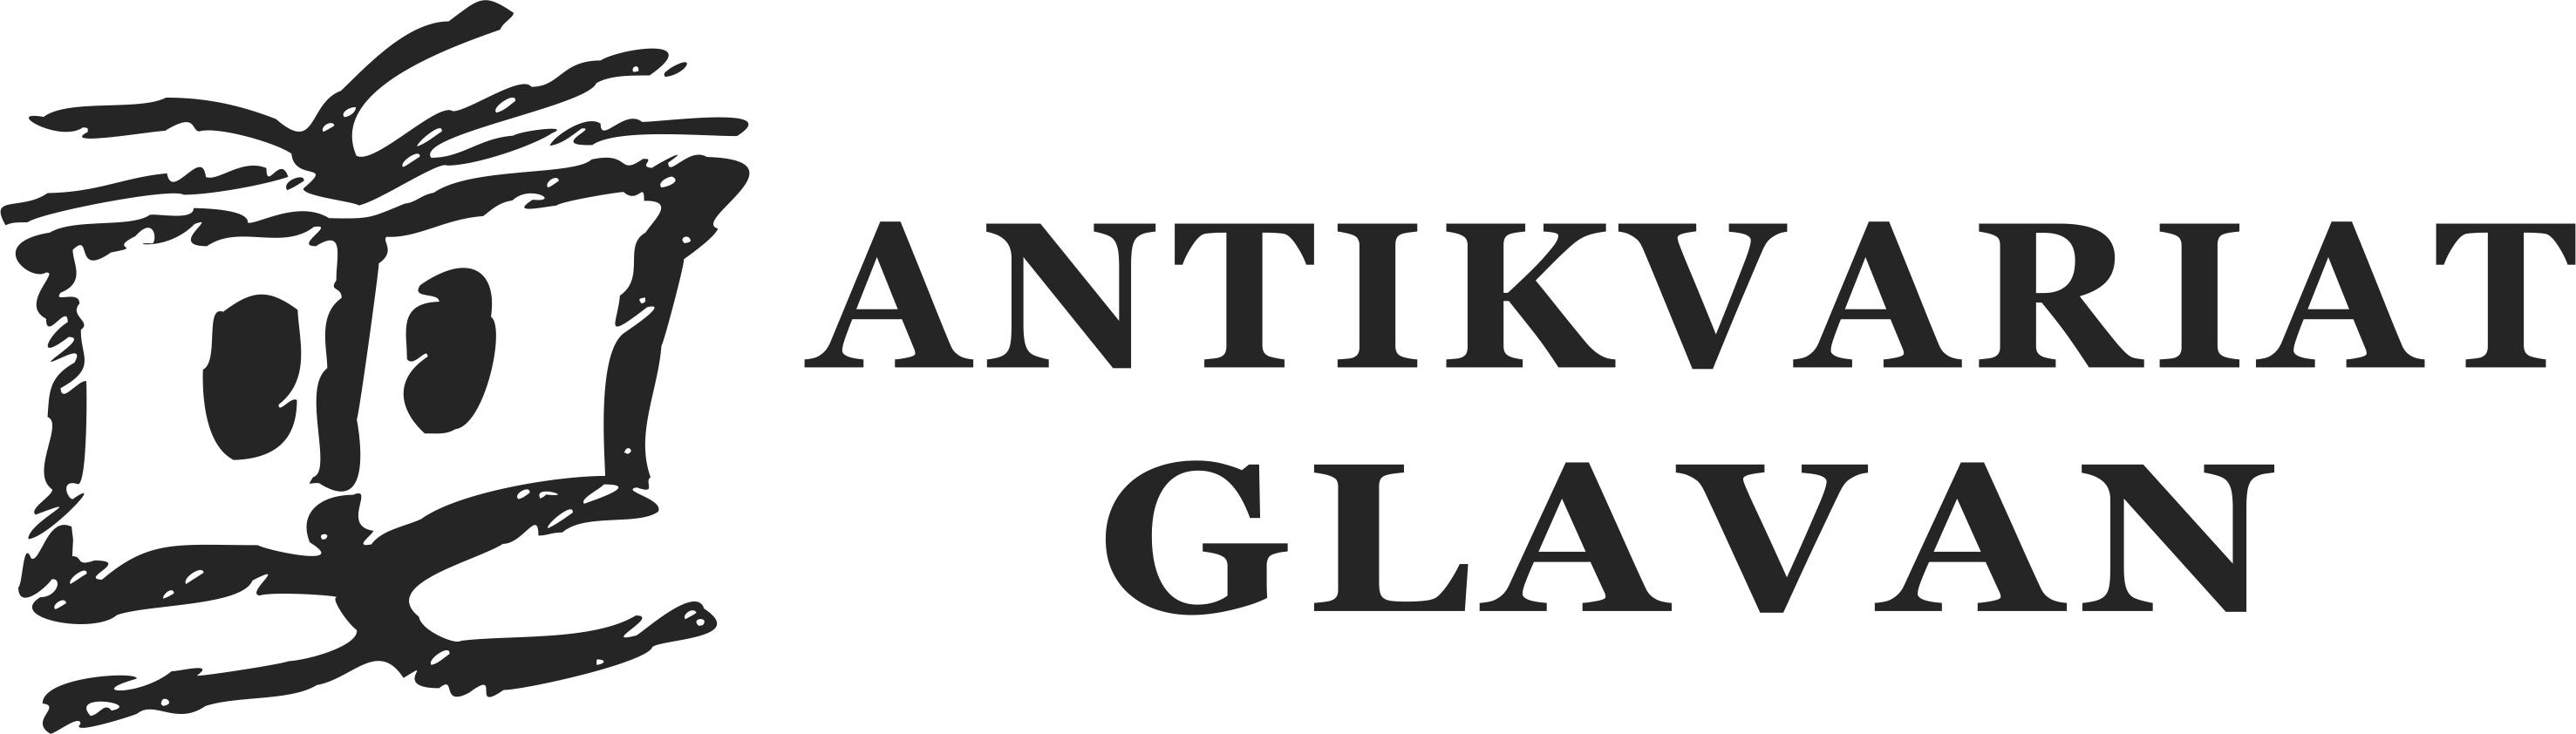 Spletna trgovina Antikvariata Glavan